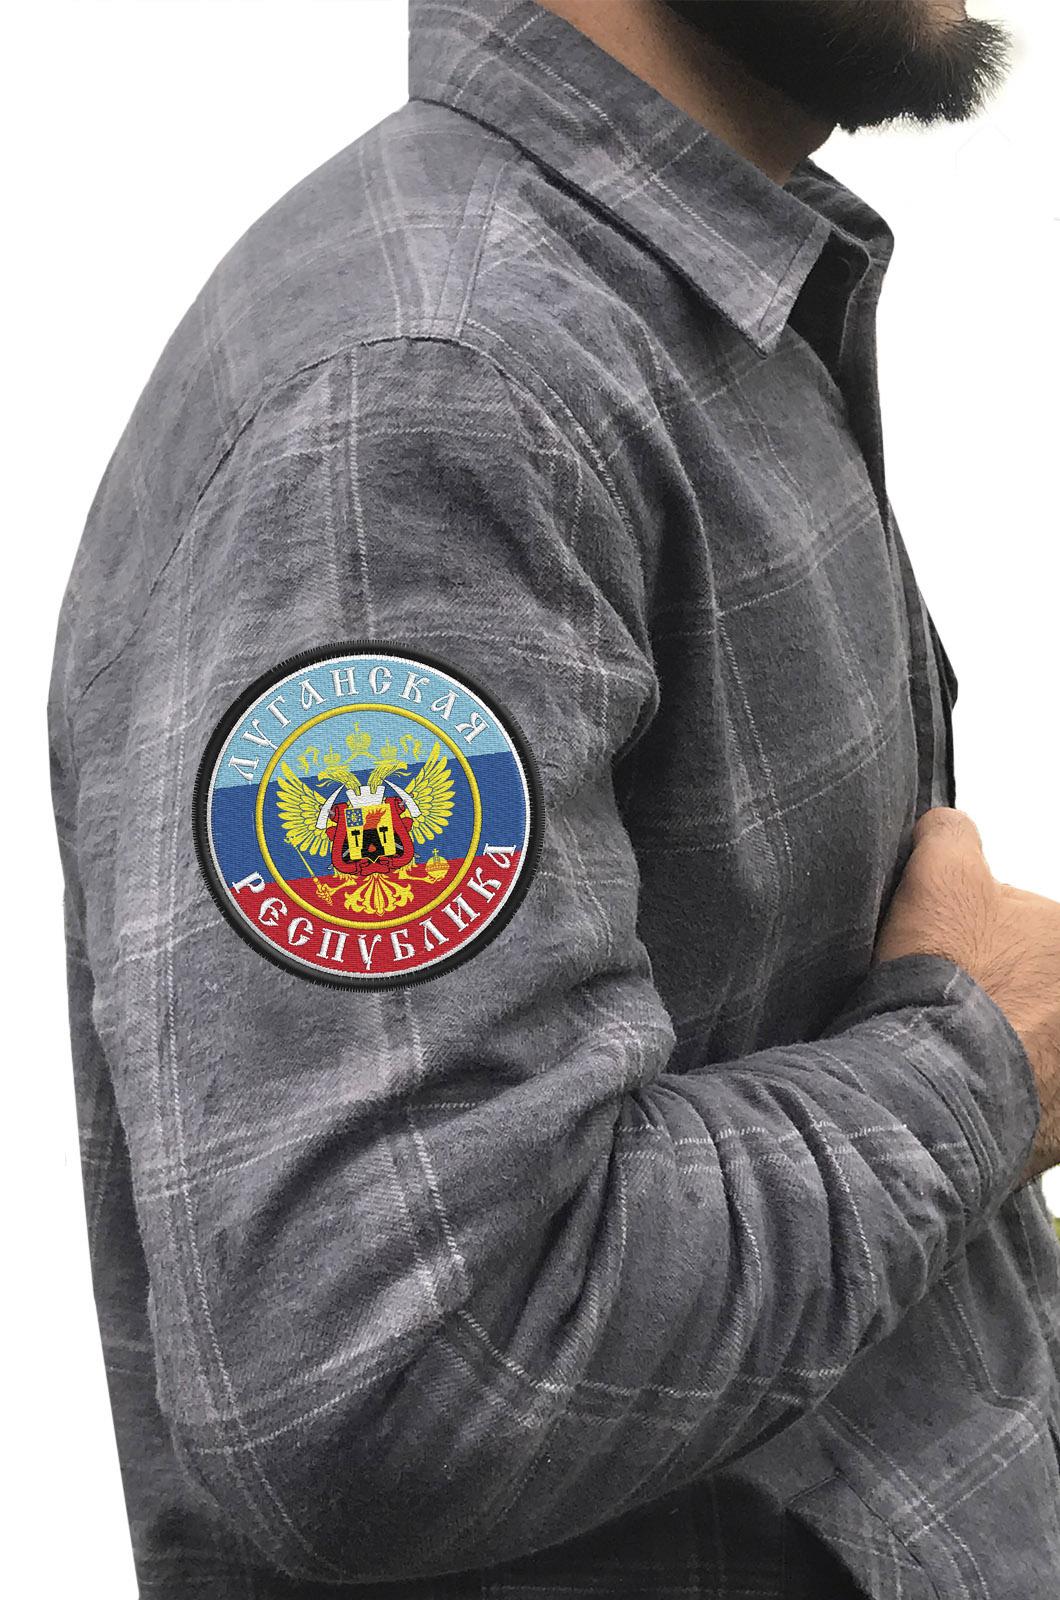 Классическая клетчатая рубашка с вышитым шевроном ЛНР - купить по низкой цене